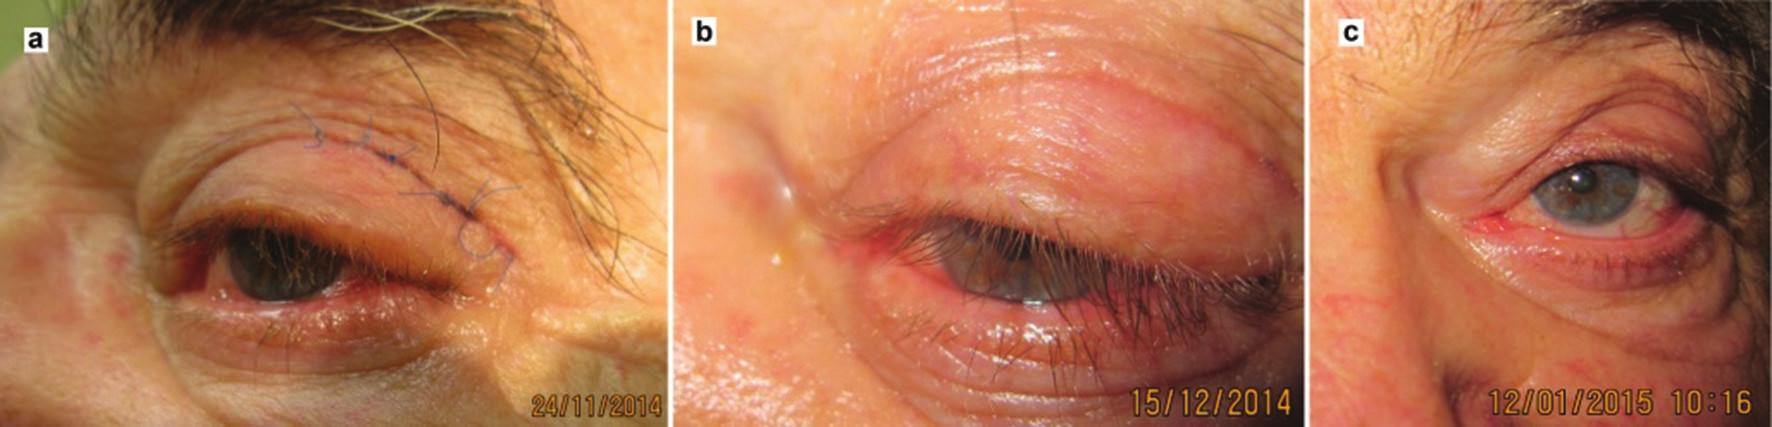 Klinický nález pri kontrolnom vyšetrení: a) 2 týždne po odstránení drenu, b) 1 mesiac po zákroku, c) 2 mesiace po zákroku